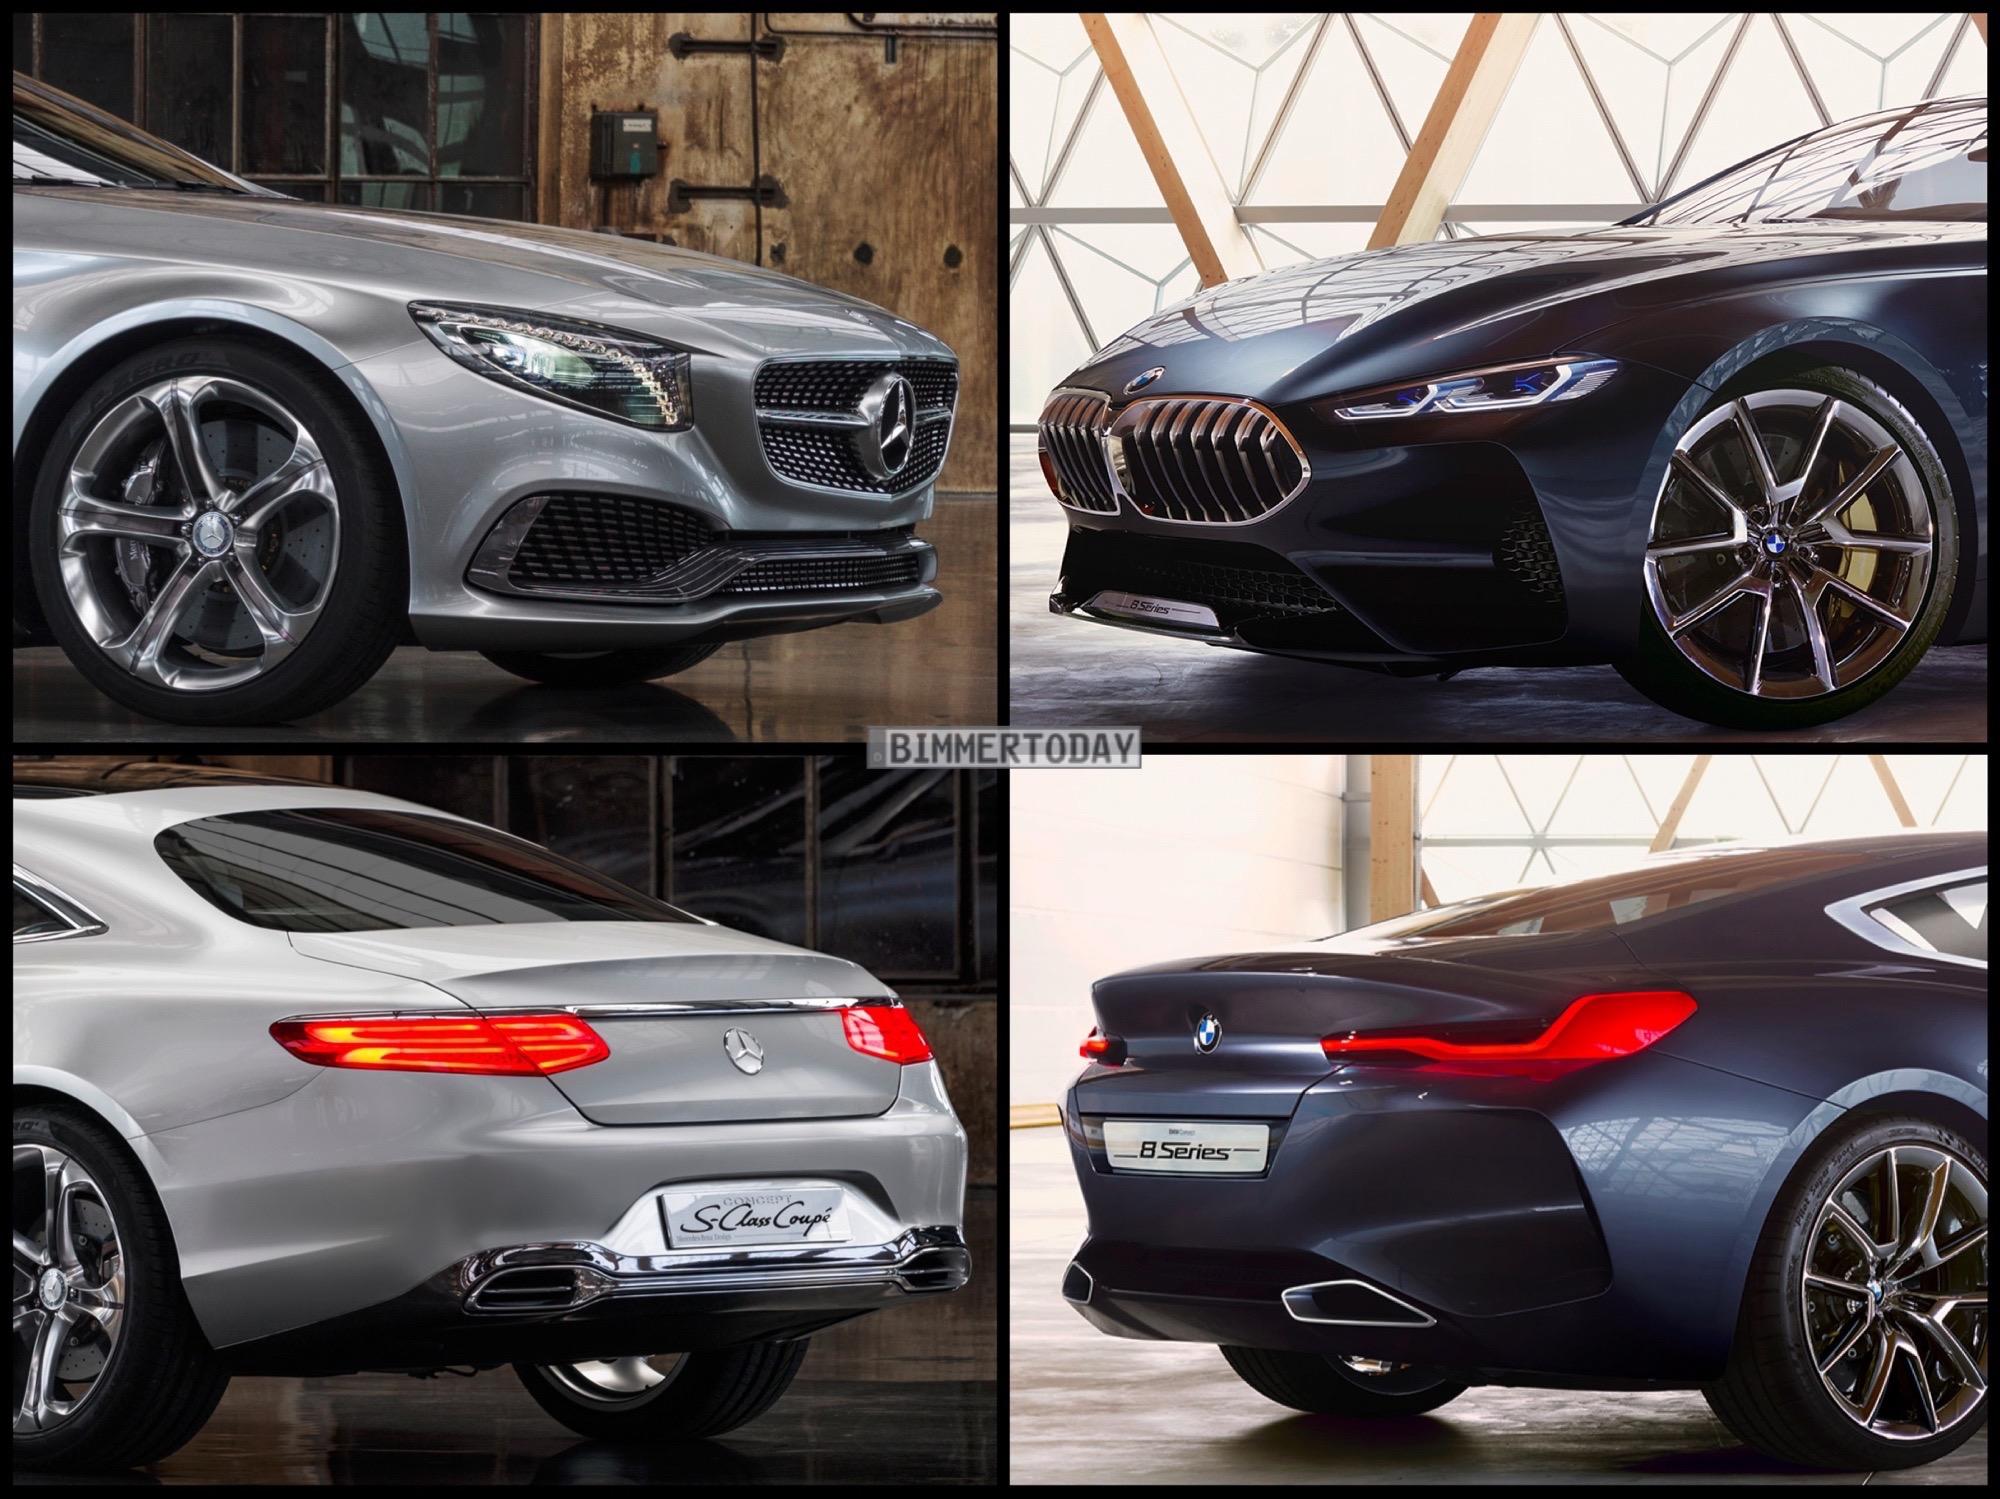 Showcar-Vergleich: BMW 8er vs. Mercedes S-Klasse Coupé